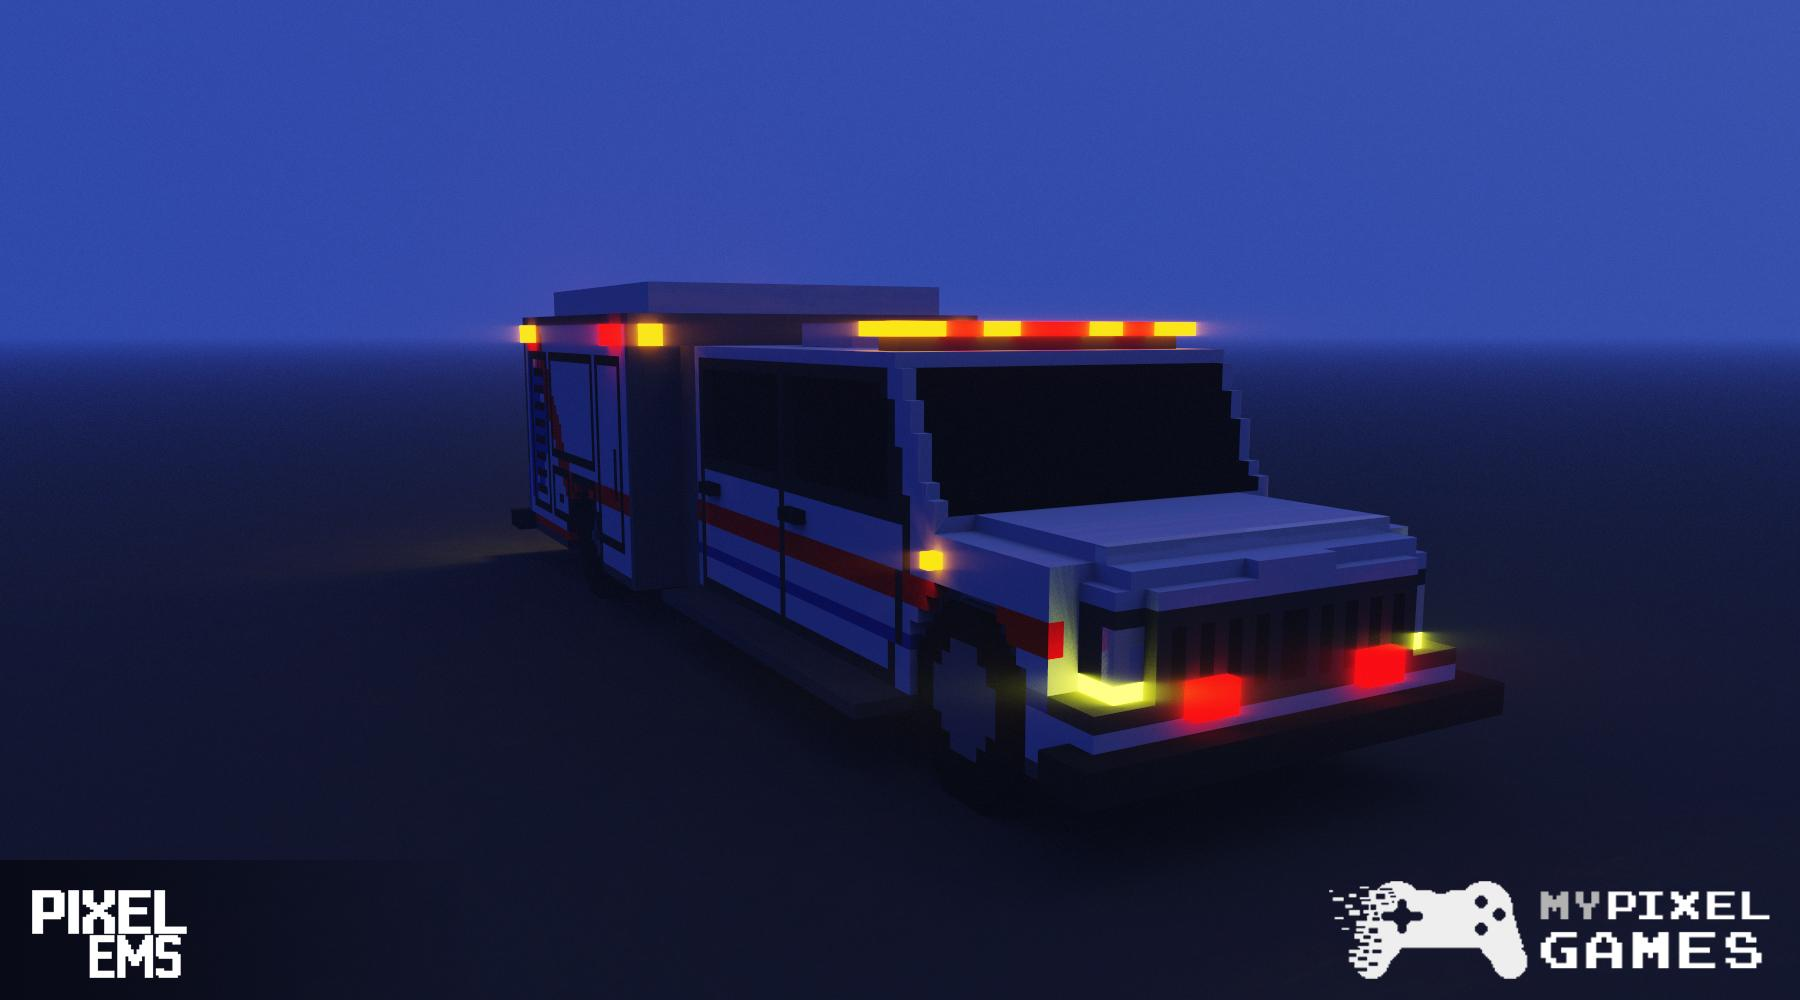 В главных ролях — Pixel EMS — DevTribe: Разработка игр (ambulance, ems)